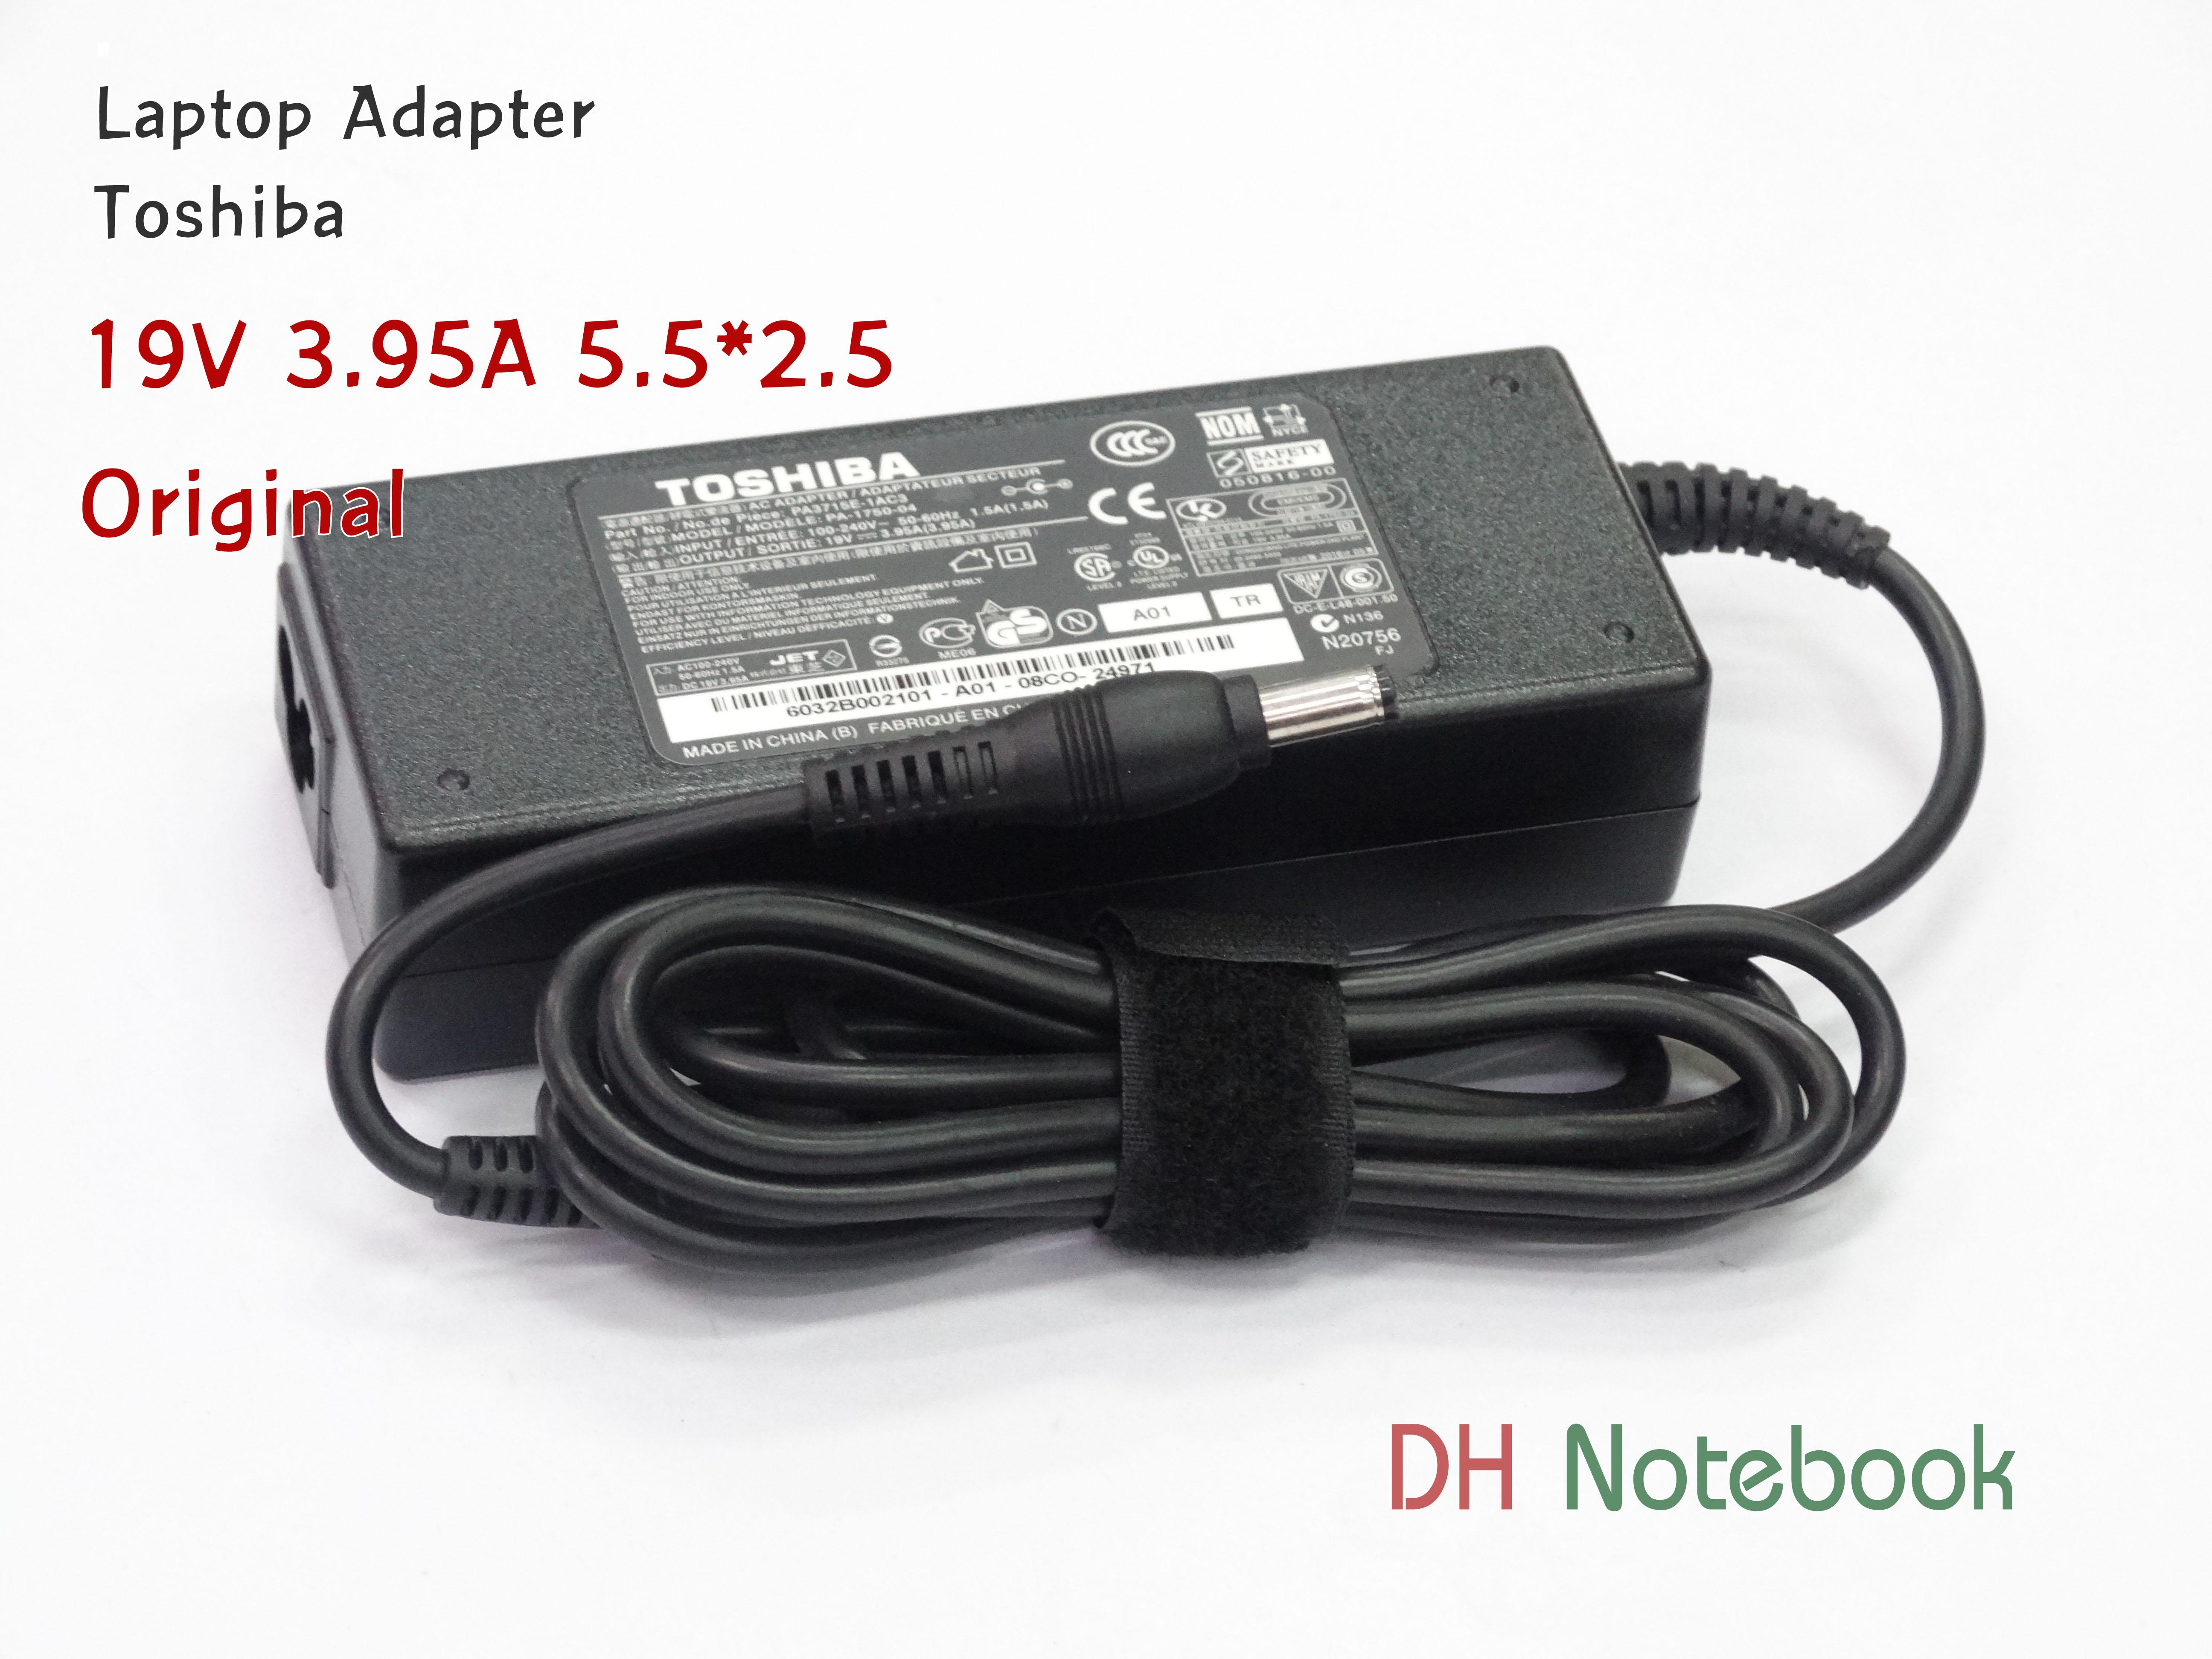 Adapter TOSHIBA 19V 3.95A (5.5*2.5) ของแท้